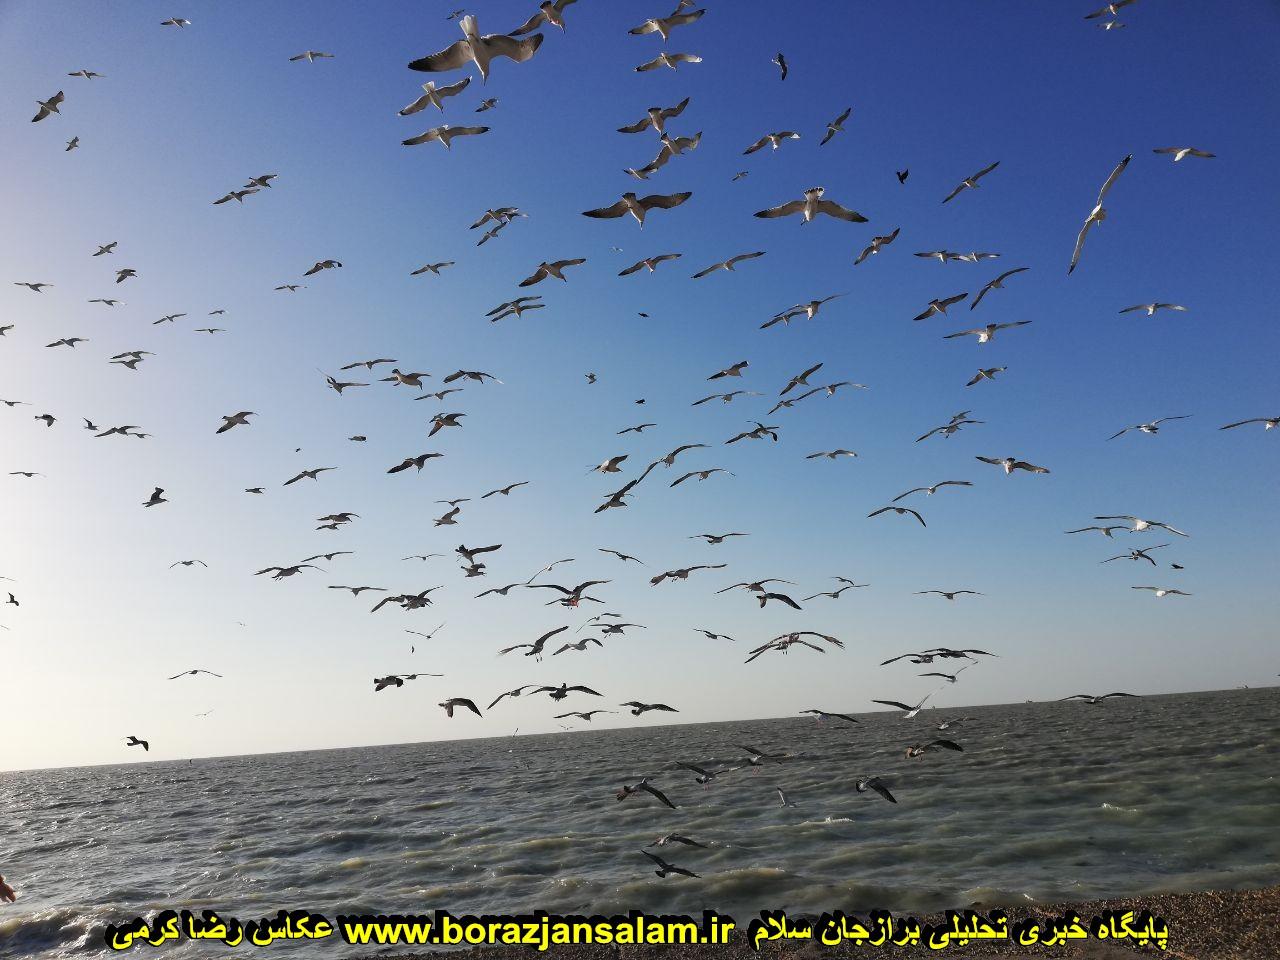 تصاویری زیبای مرغ های دریایی بوشهر